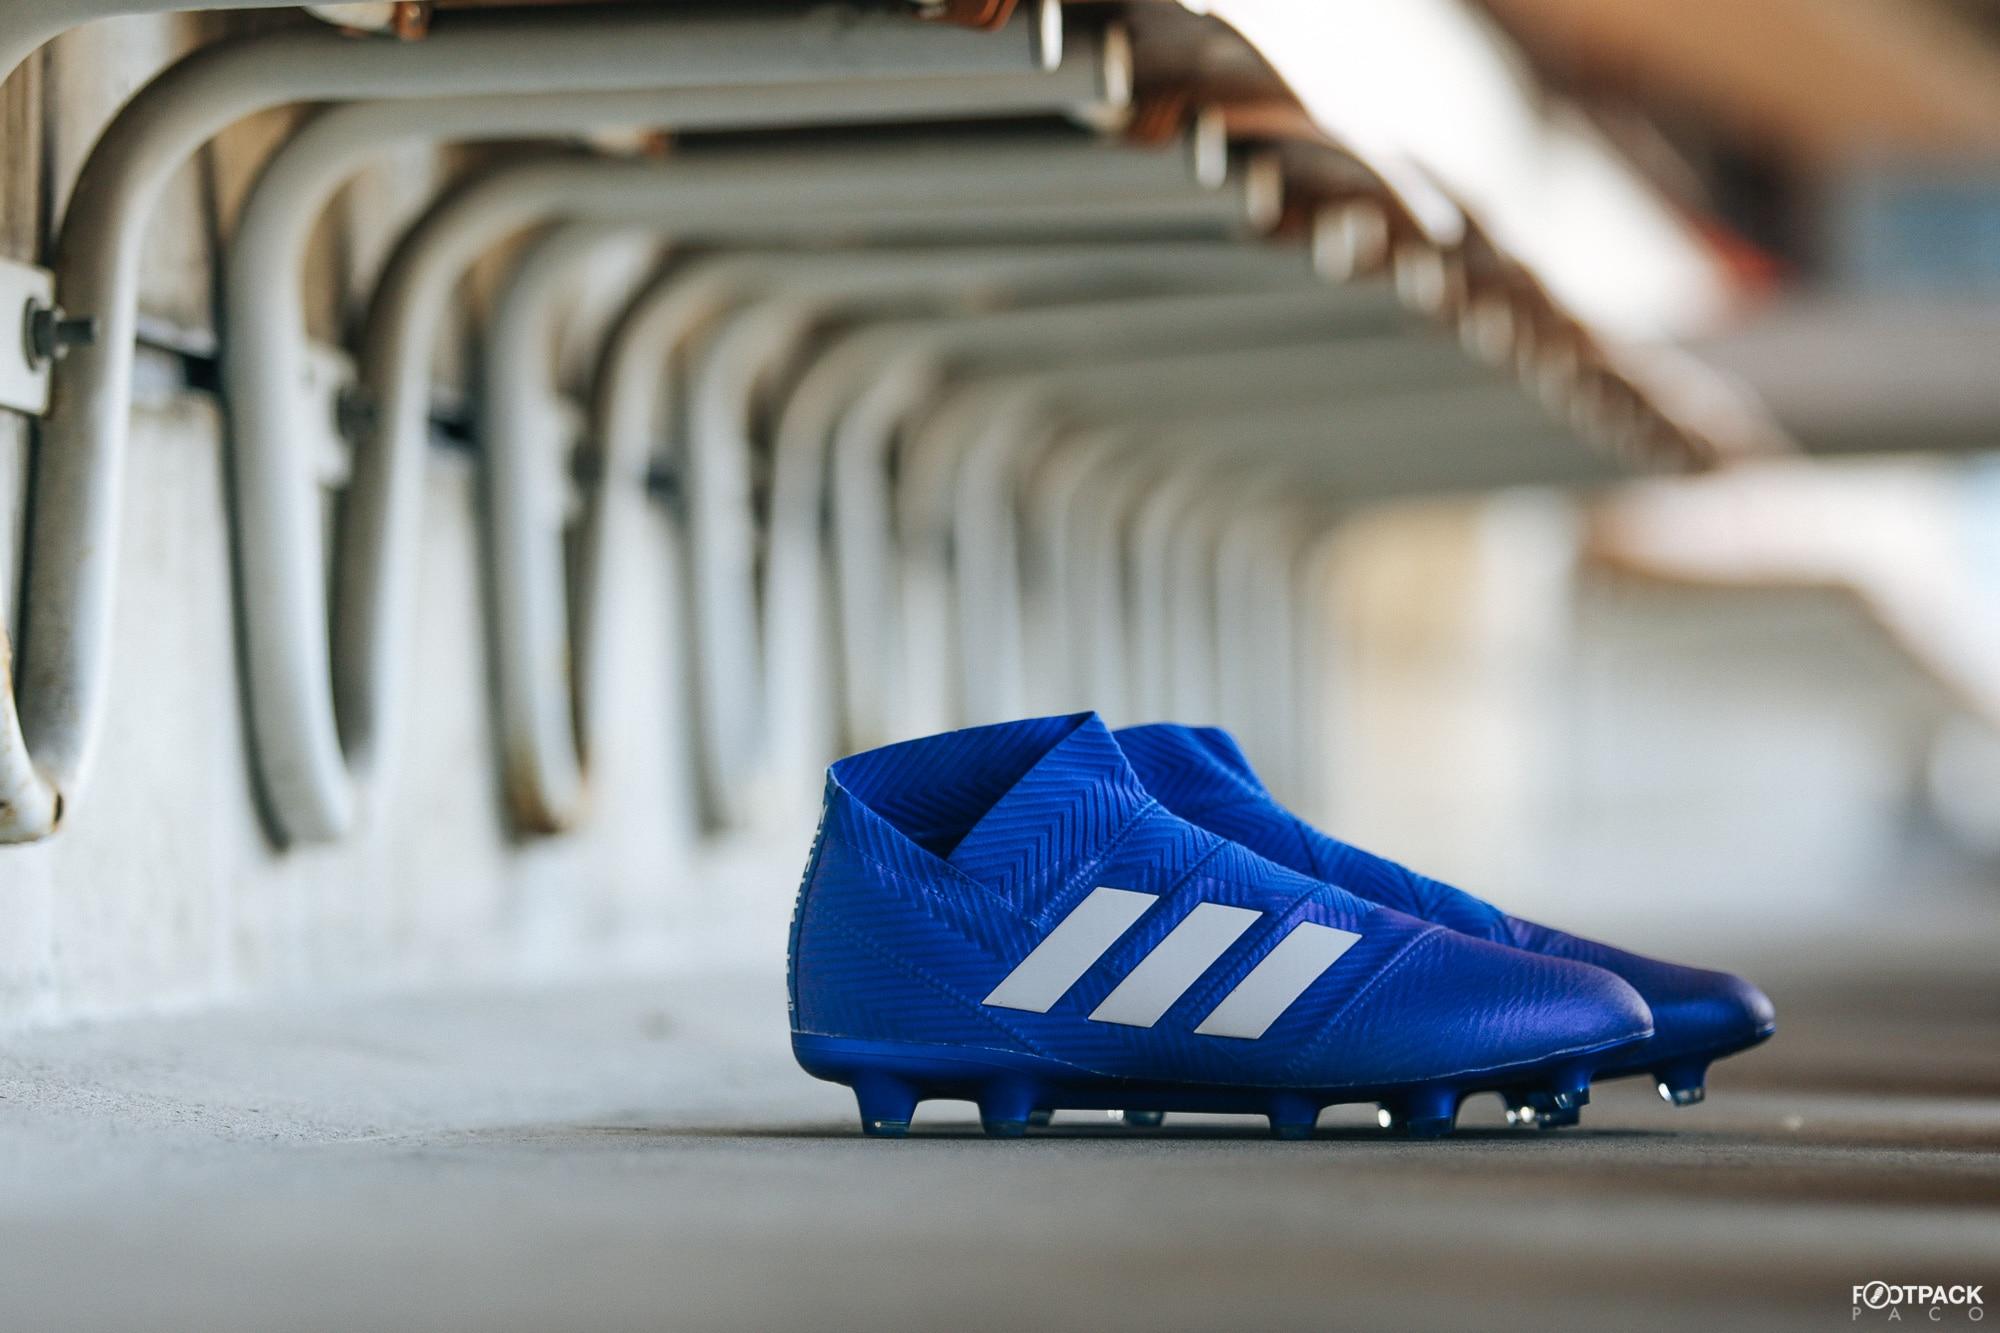 chaussures-football-adidas-Nemeziz-team-mode-juillet-2018-3